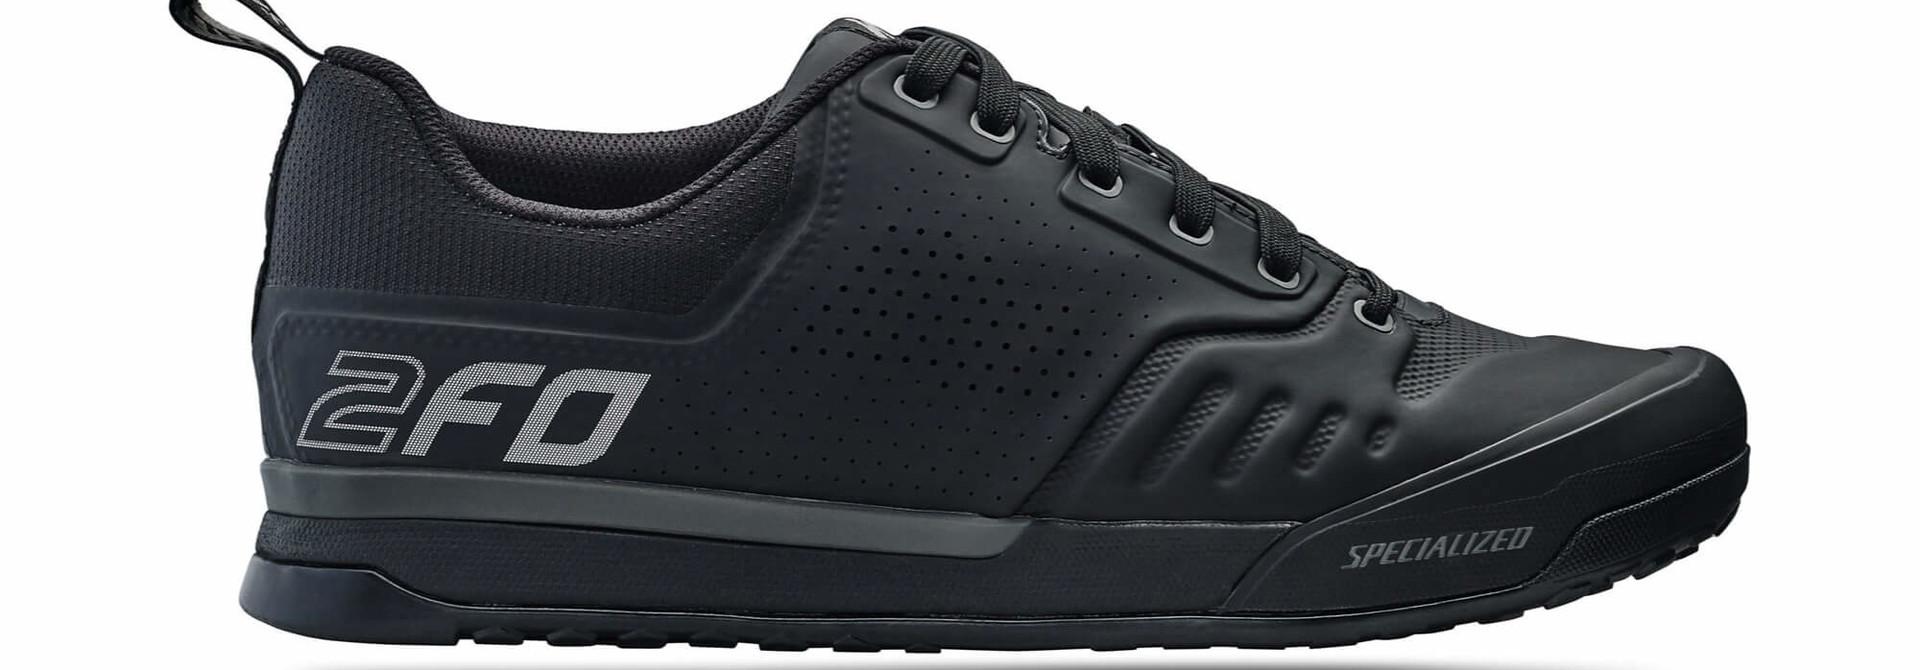 2FO Flat 2.0 MTB Shoe